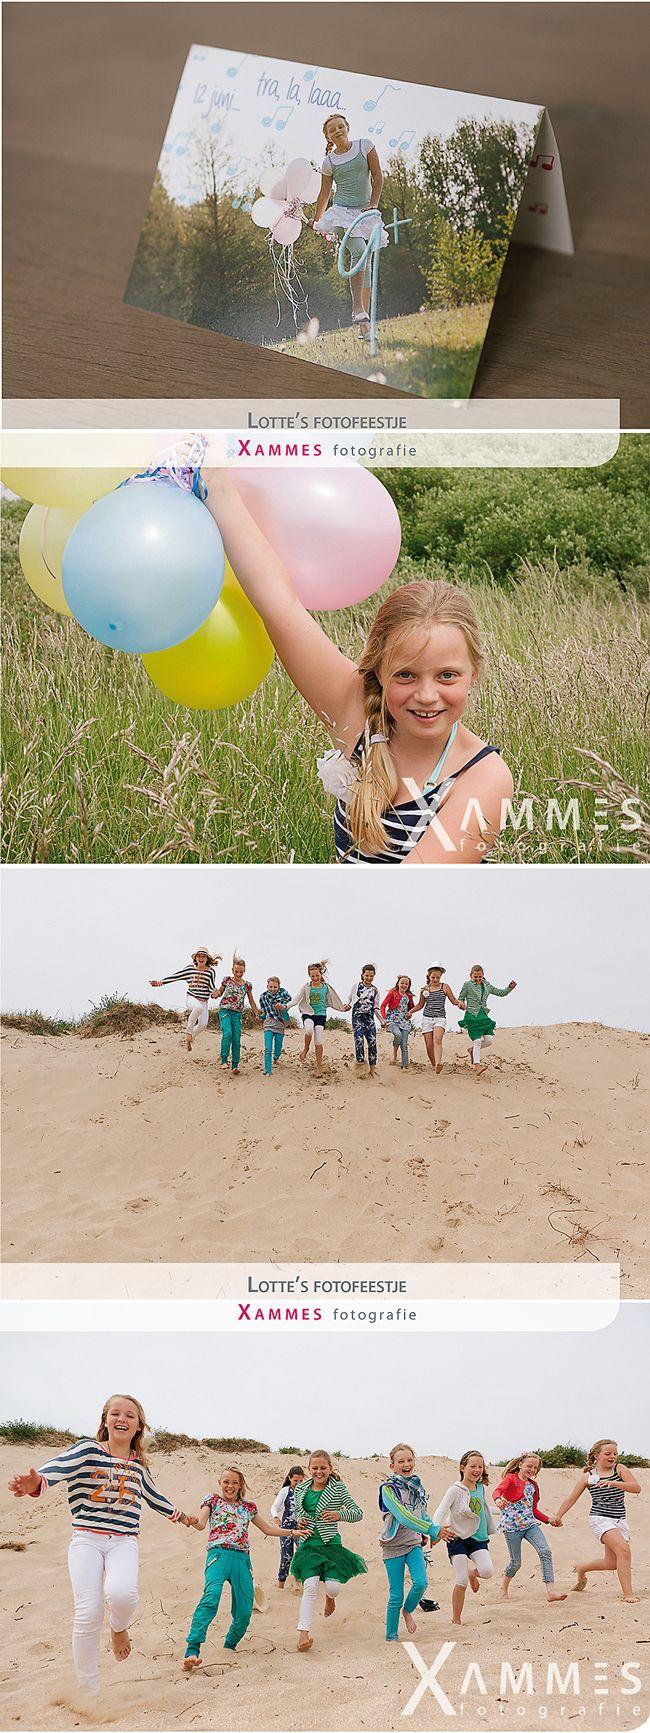 Lotte's fotofeestje, Xammes fotografie